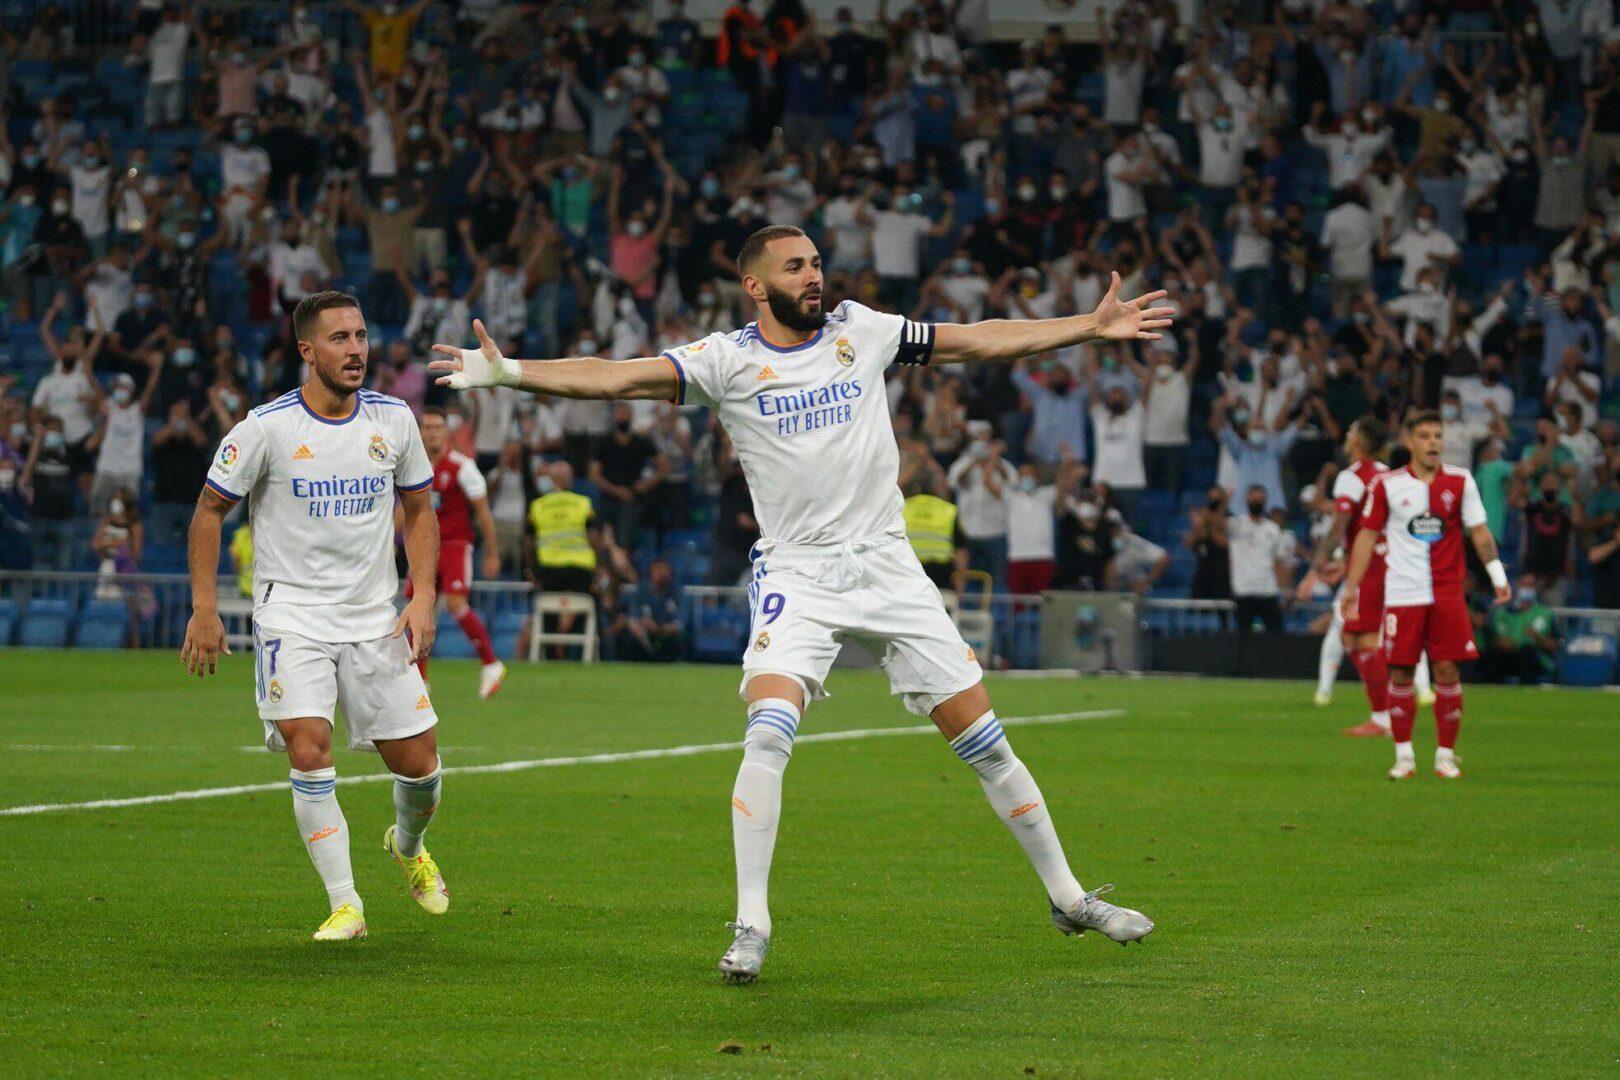 Bei Comeback im Bernabeu: Real Madrid dreht Rückstand gegen Vigo